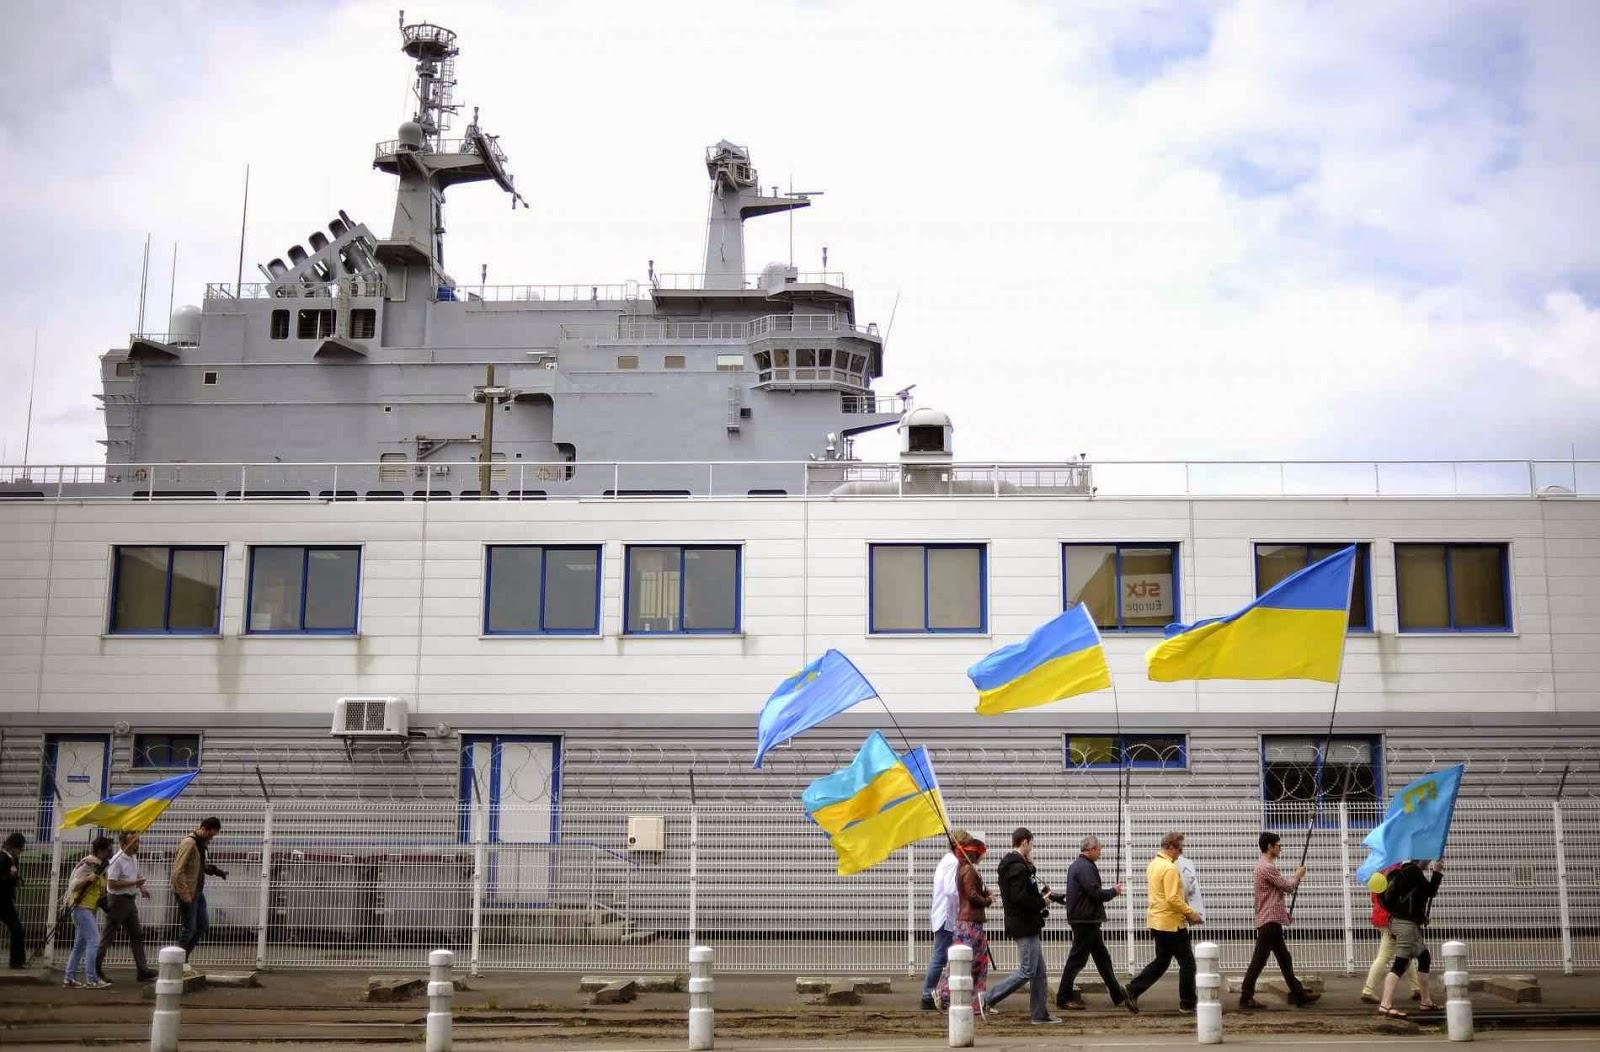 Simpatizantes da Ucrânia protestam contra entrega do poderoso navio diante do estaleiro.